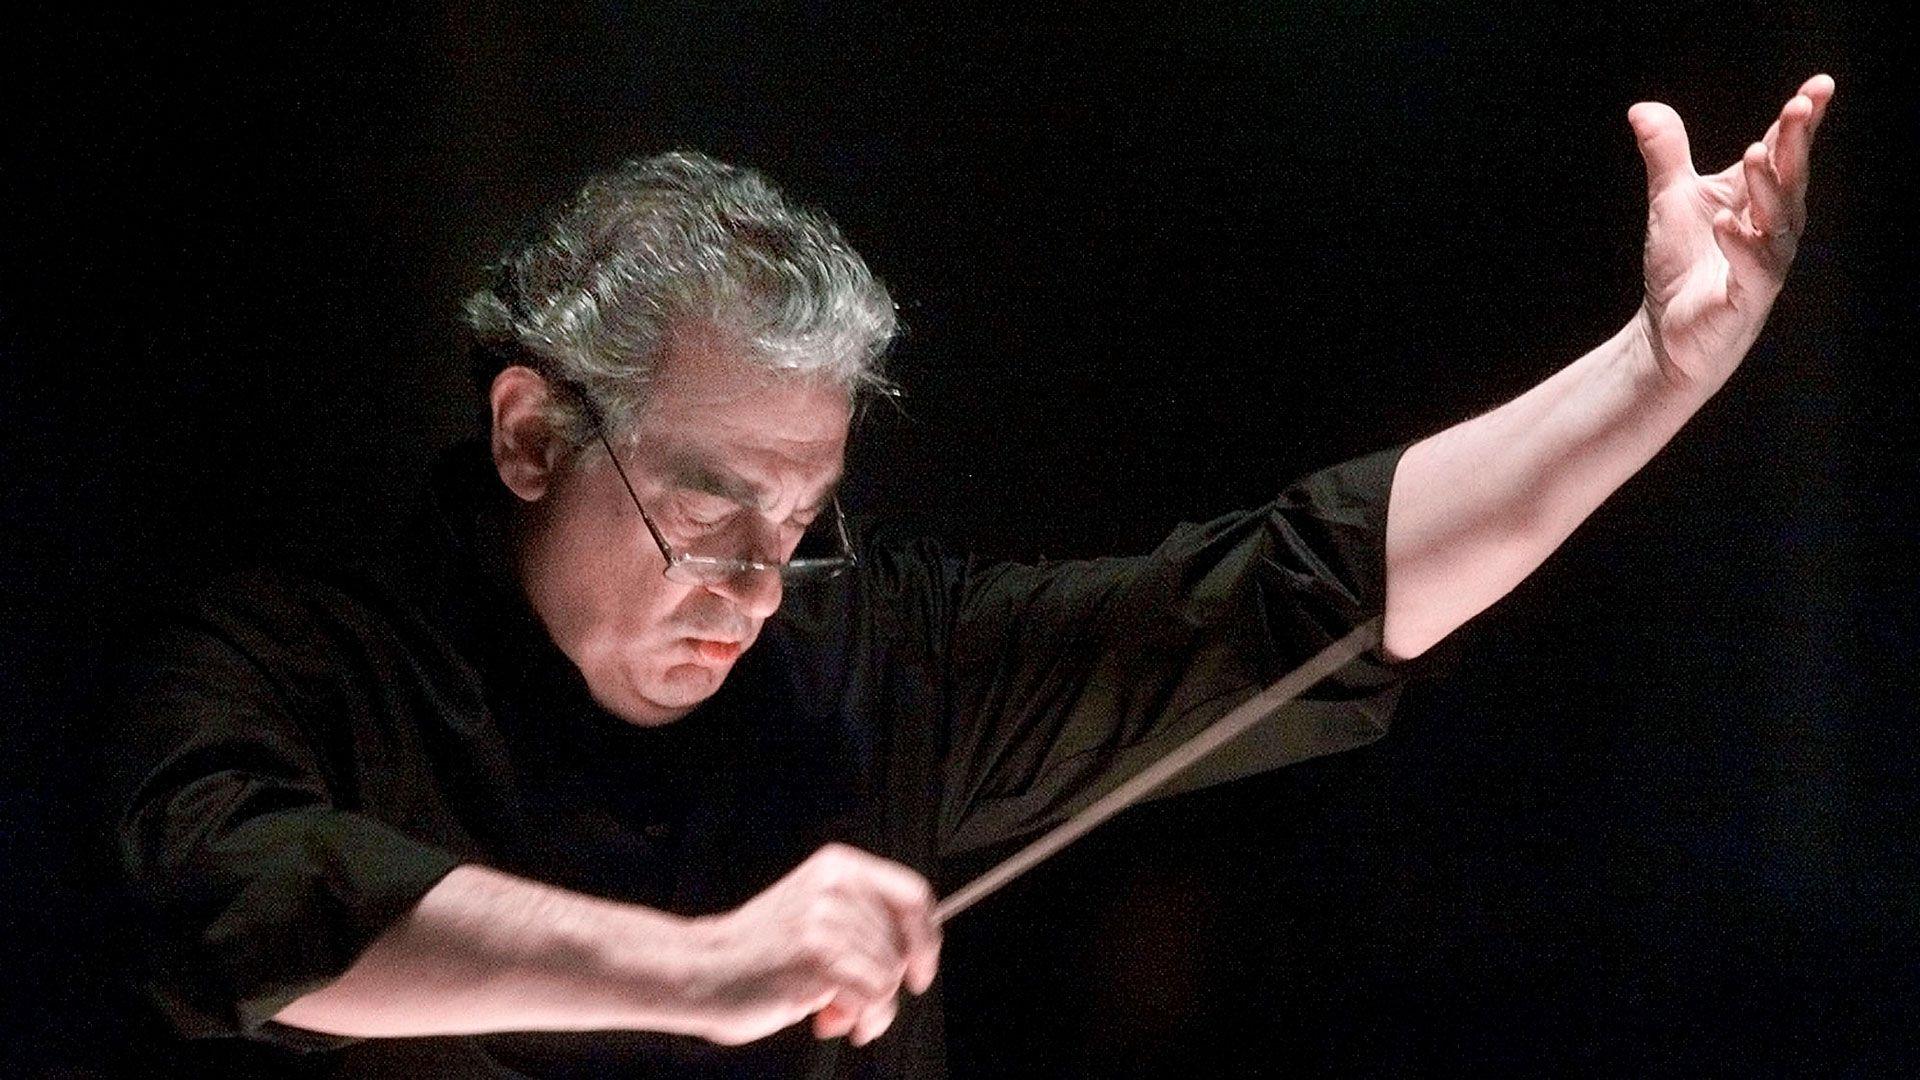 La dimisión de Domingo se dio una semana después de que se retirara de la Met Opera de Nueva York (Foto: AP /Richard Drew, File)